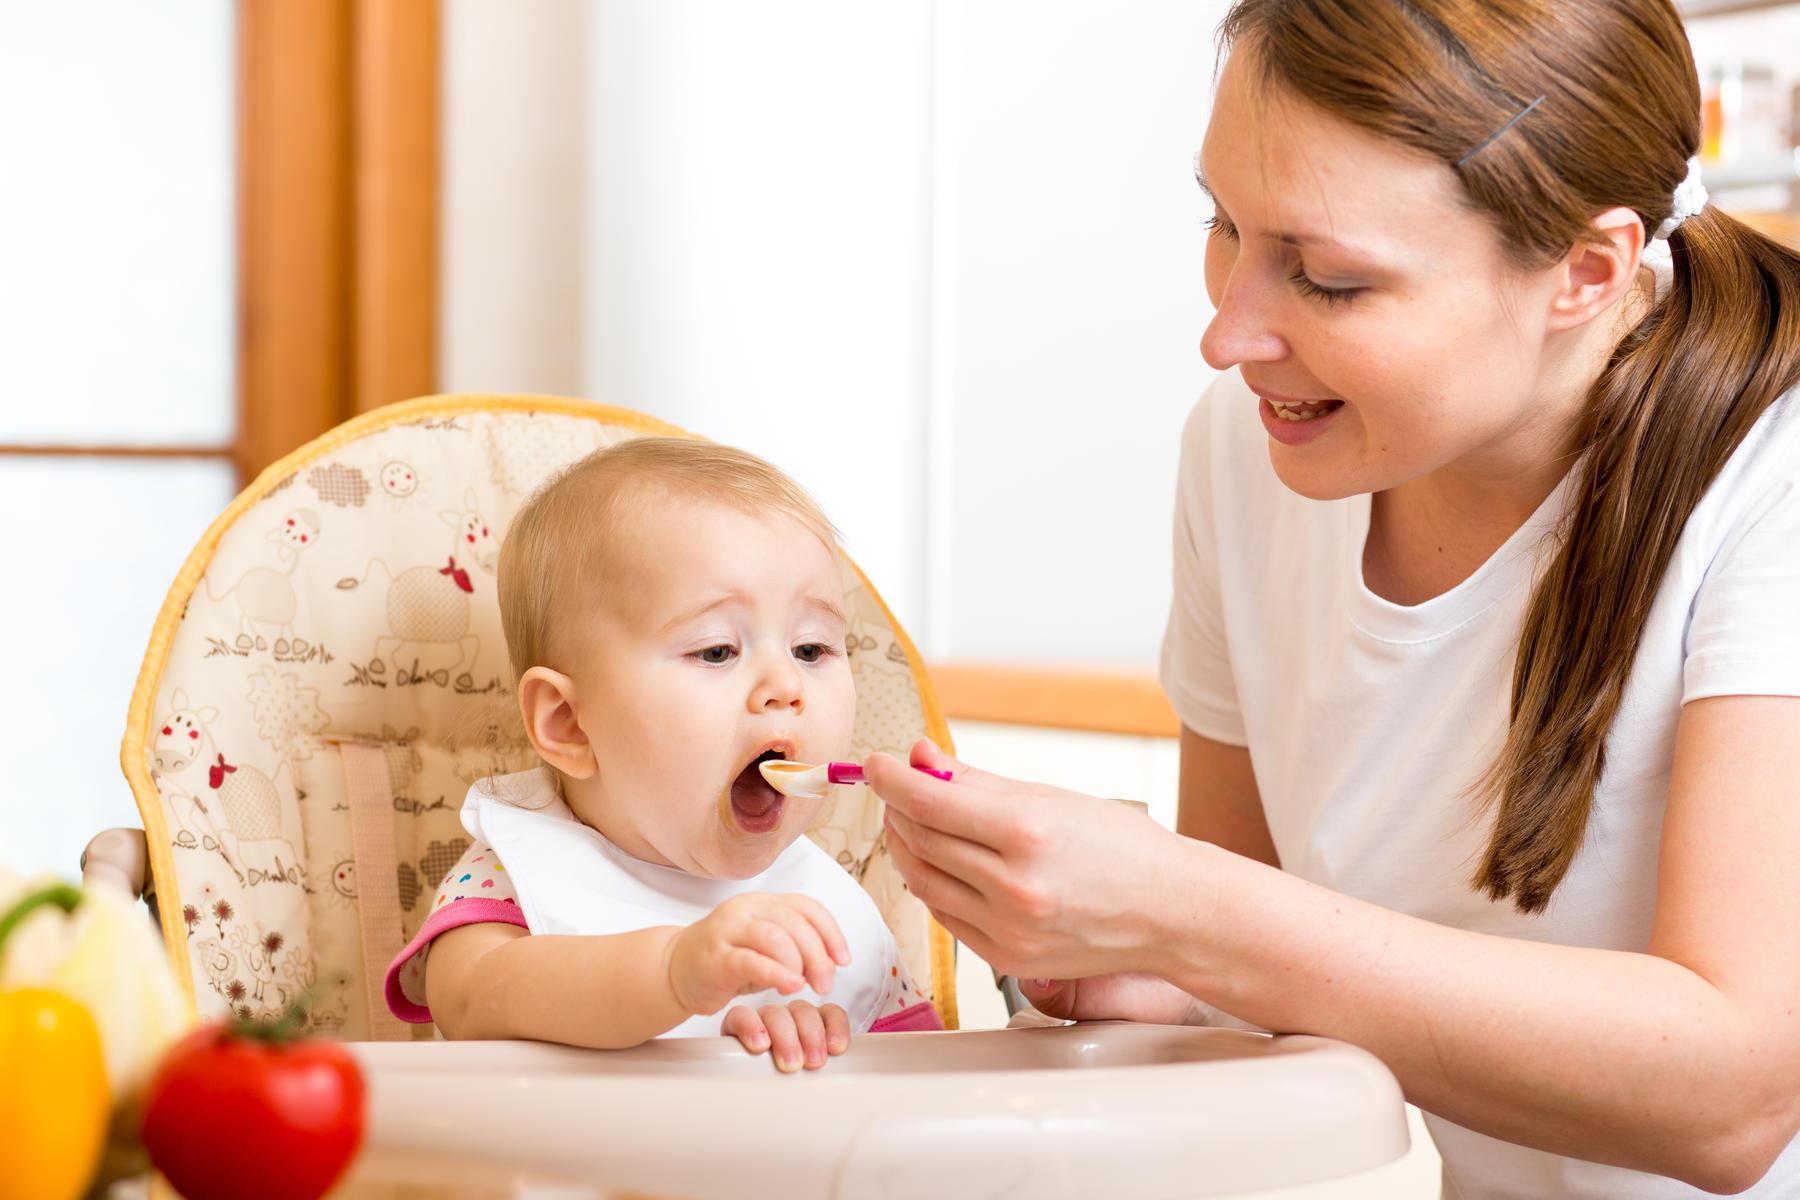 چه غذاهایی برای رشد کودکتان مفید است؟ و چه نوع تغذیه ای باشد؟